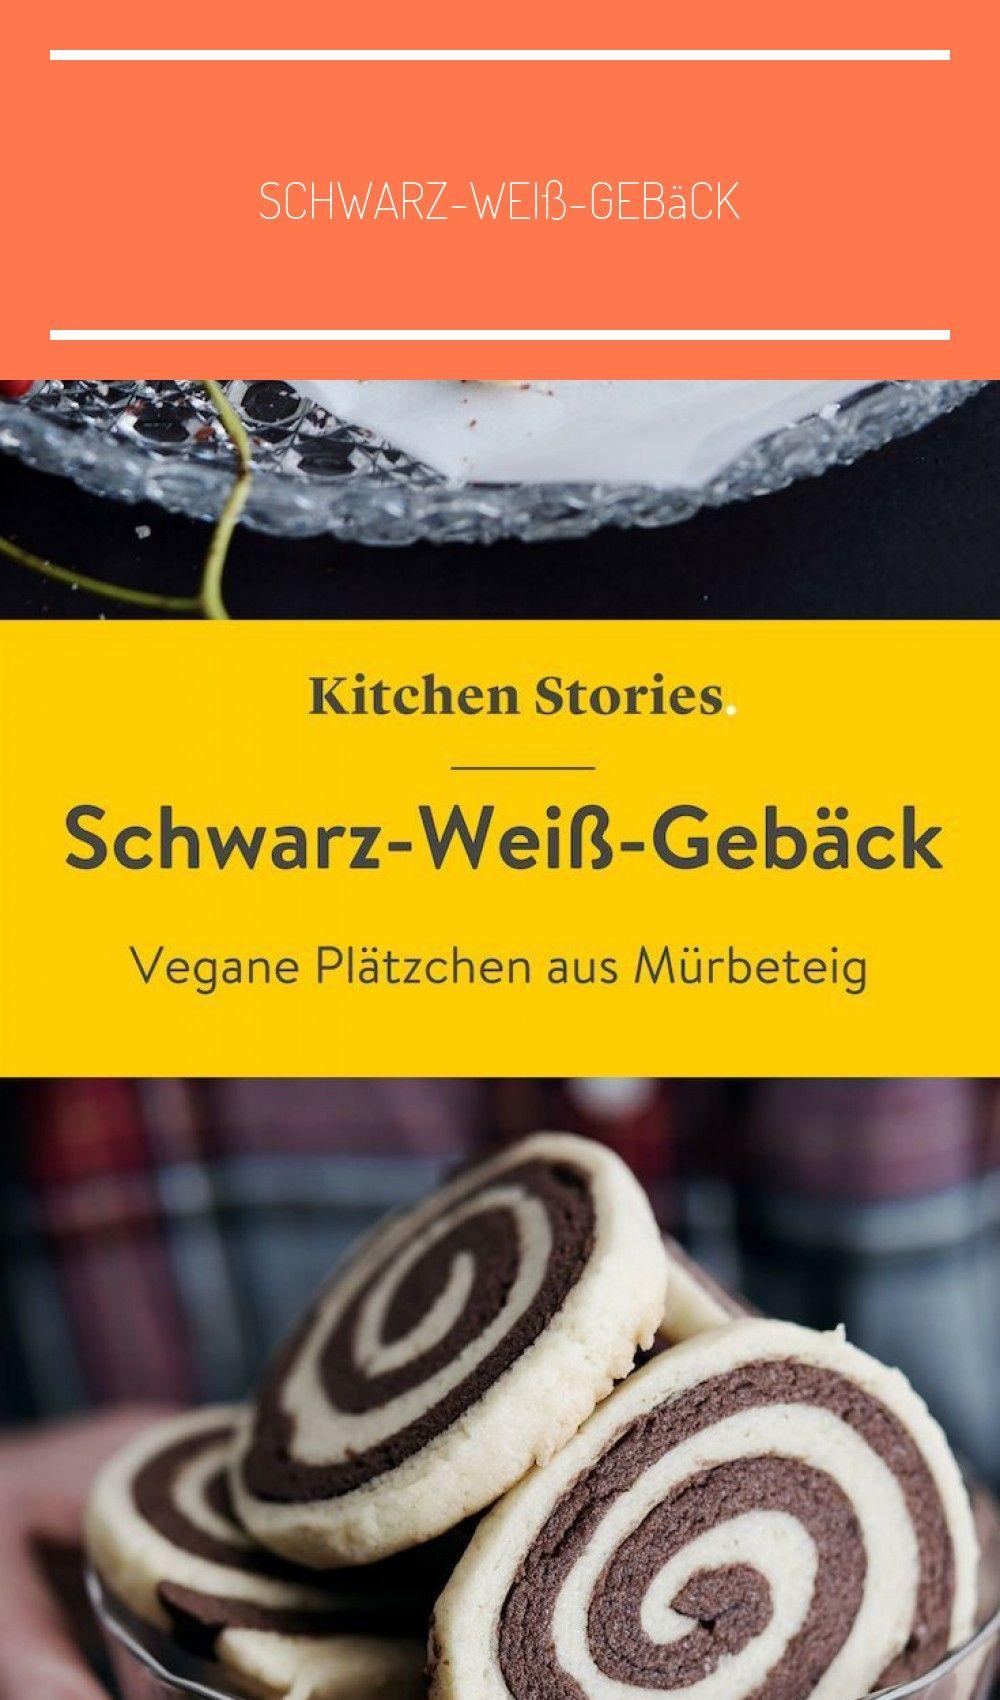 In der #Weihnachtsbäckerei: Schwarz-Weiß-#Gebäck aus veganem Mürbeteig! Tolle #Kekse, die sich wunderbar als Nascherei zur #Weihnachtszeit oder als liebevolles Geschenk für deine Liebsten eignen. Einfach, lecker und dazu auch noch vegan! #Rezept #Backen #backen vegan kekse Schwarz-Weiß-Gebäck   Rezept mit Video   Kitchen Stories